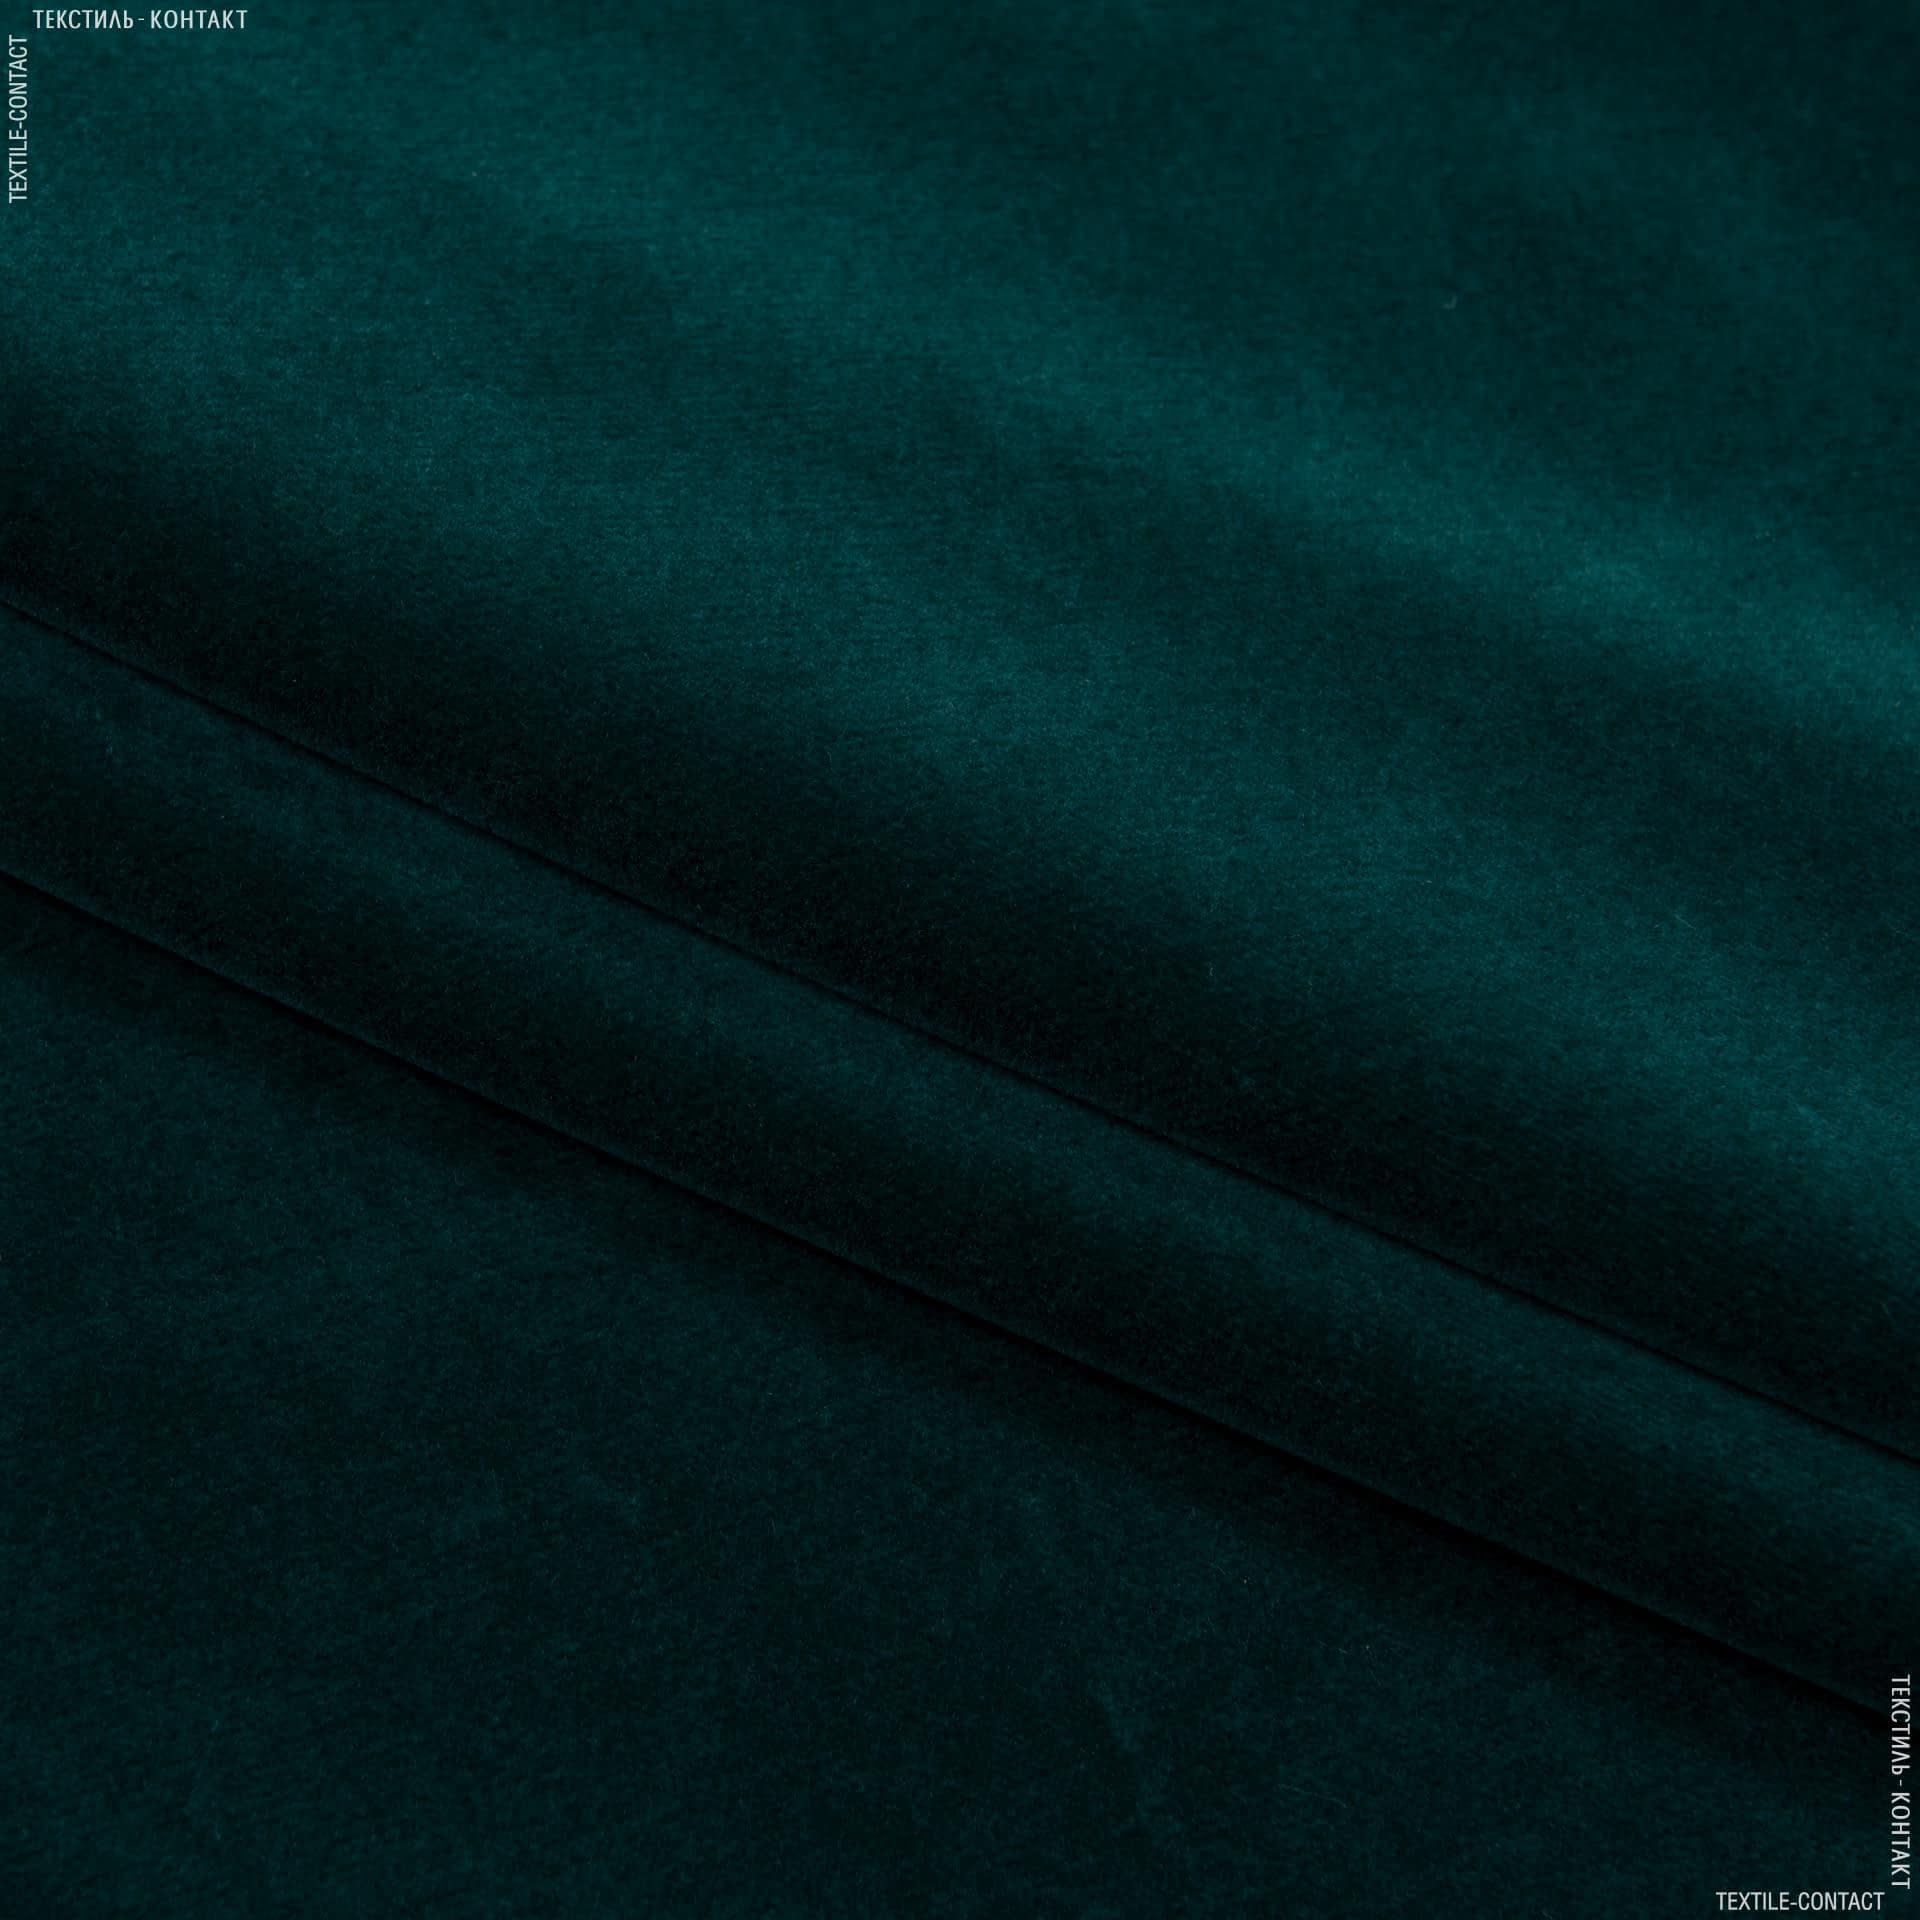 Велюр  гласгов/ glasgow изумрудно-зеленый сток